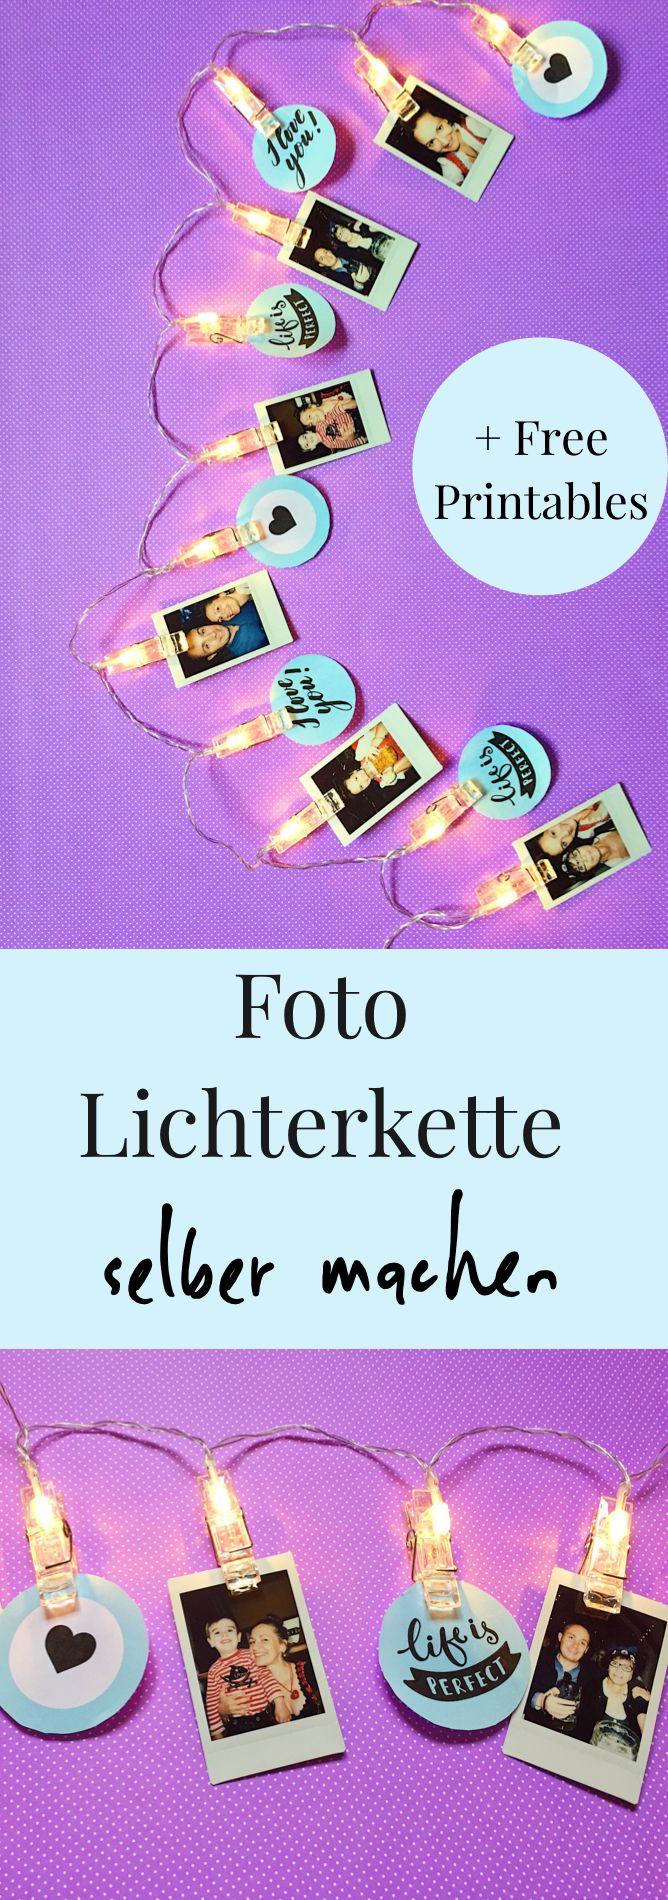 Foto DIY Lichterkette Ganz Einfach Selber Machen. Schöne Ideen Für Selber  Gemachte Dekoration: Lichterkette